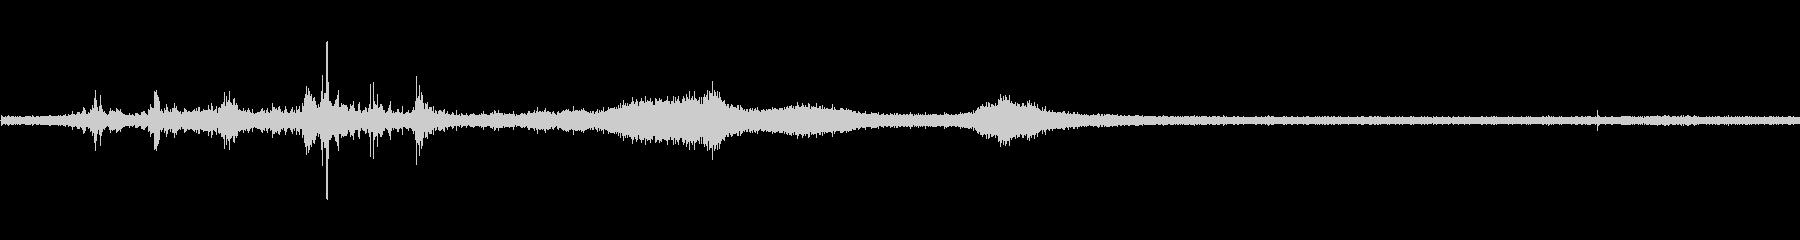 【生音】雷雨22 - 雨と雷と通行音 …の未再生の波形